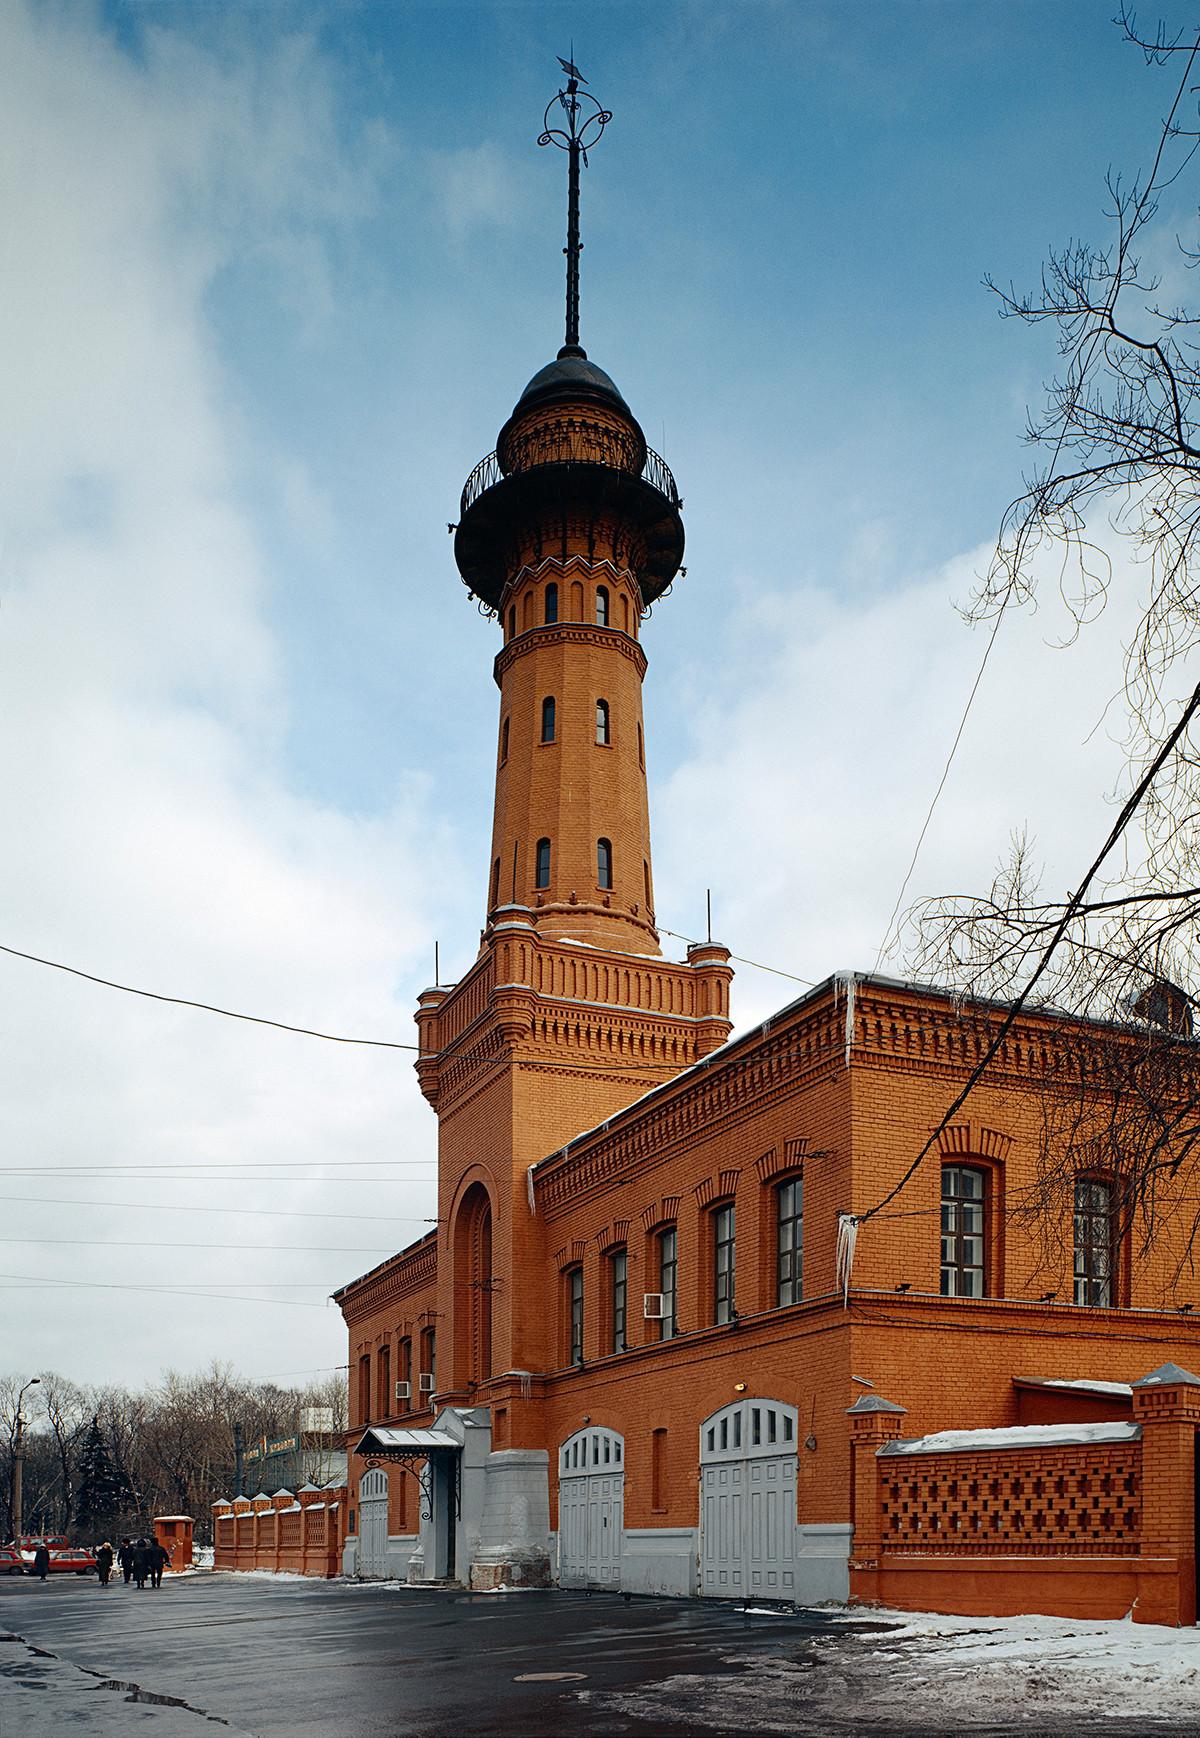 La vecchia torre di guardia dei pompieri a Sokolniki